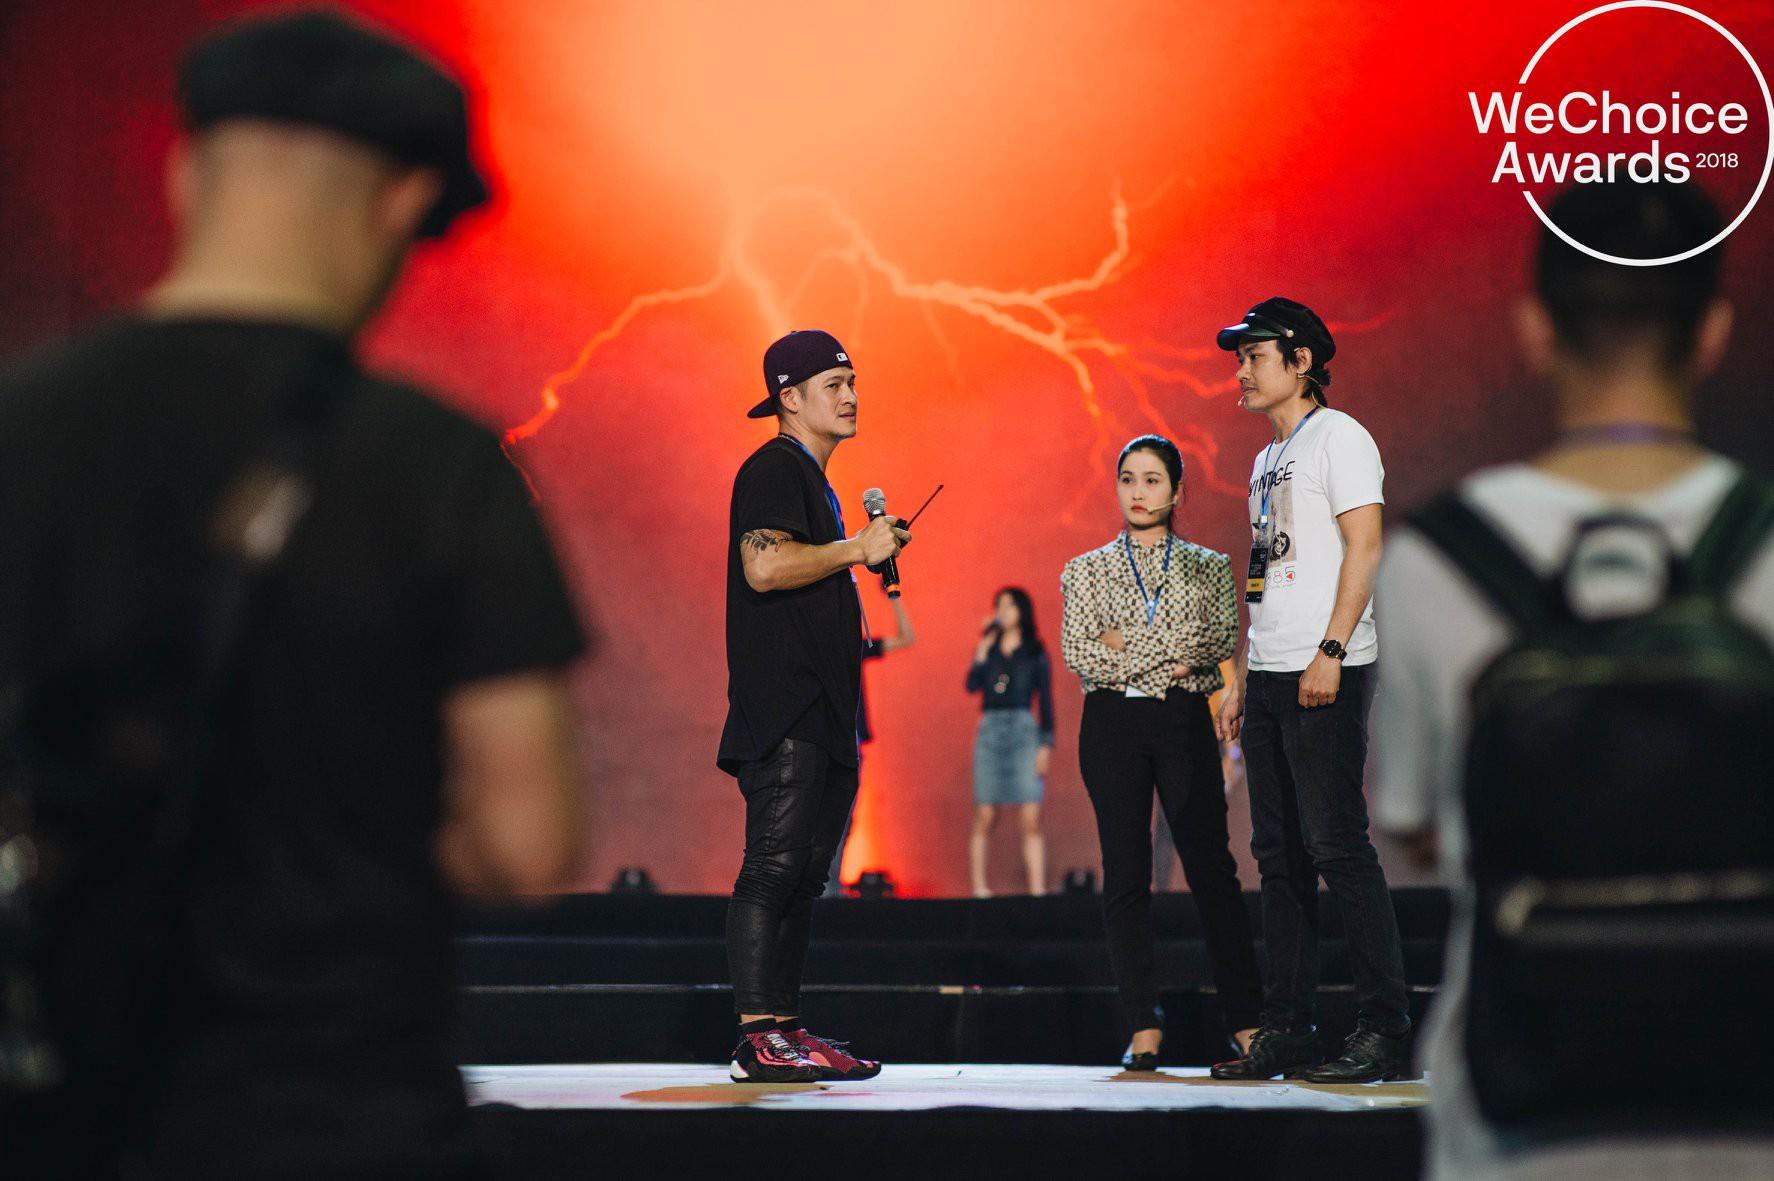 Trước giờ G, ngắm loạt khoảnh khắc đầy cảm xúc của dàn nghệ sĩ tại buổi tổng duyệt Gala Wechoice Awards 2018 - Ảnh 1.